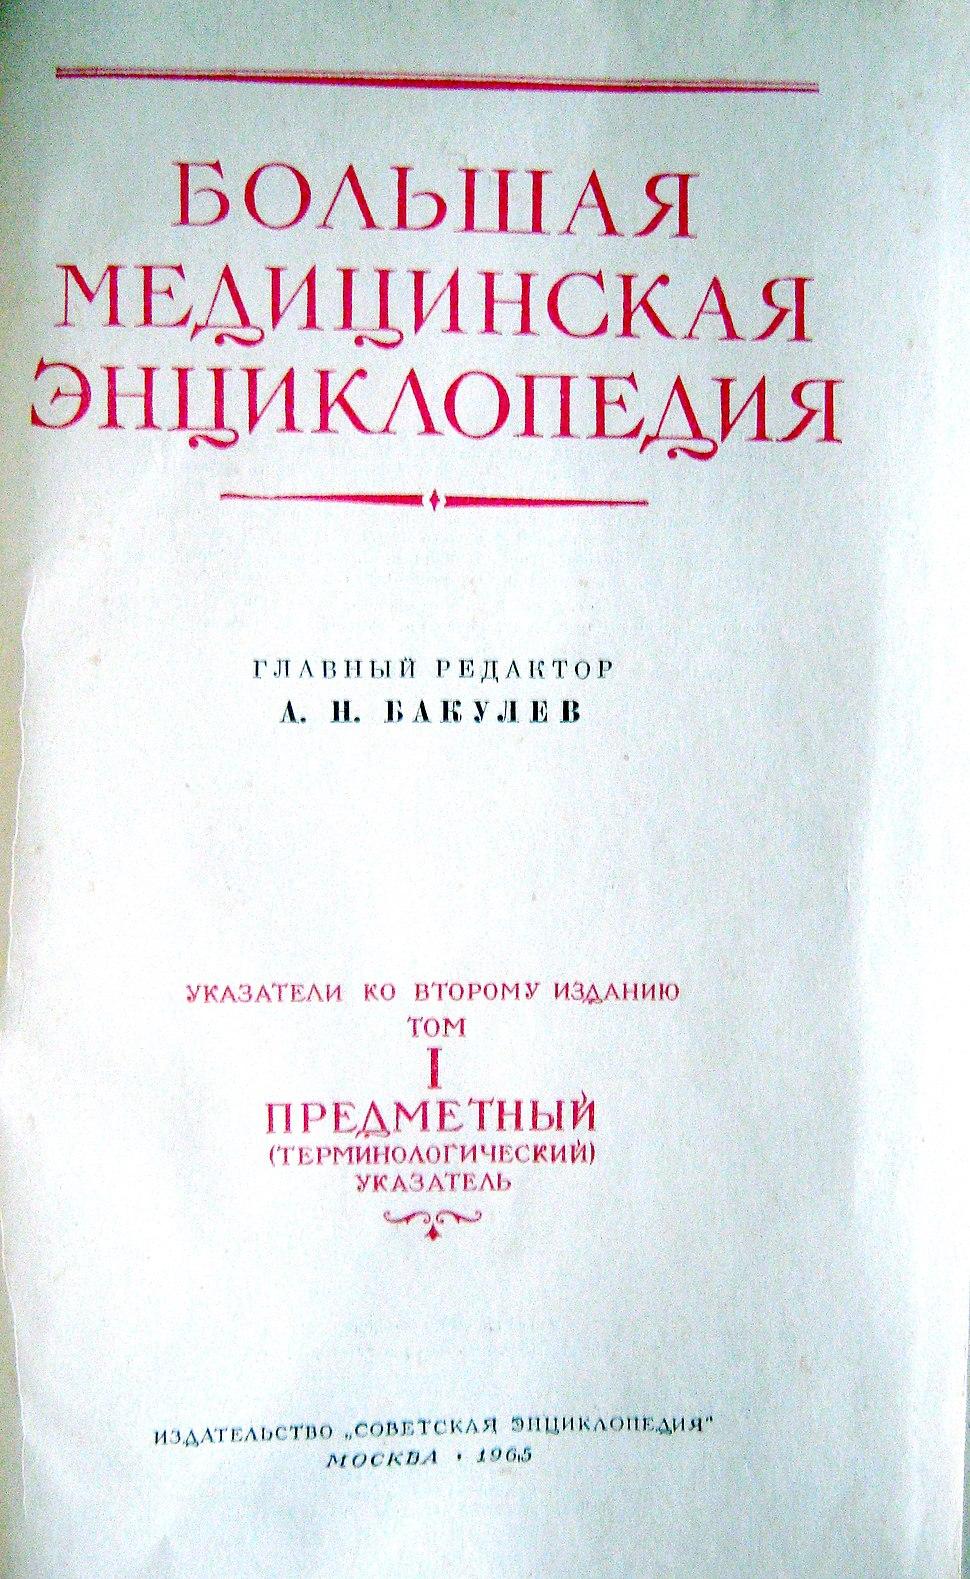 Большая медицинская энциклопедия - титул